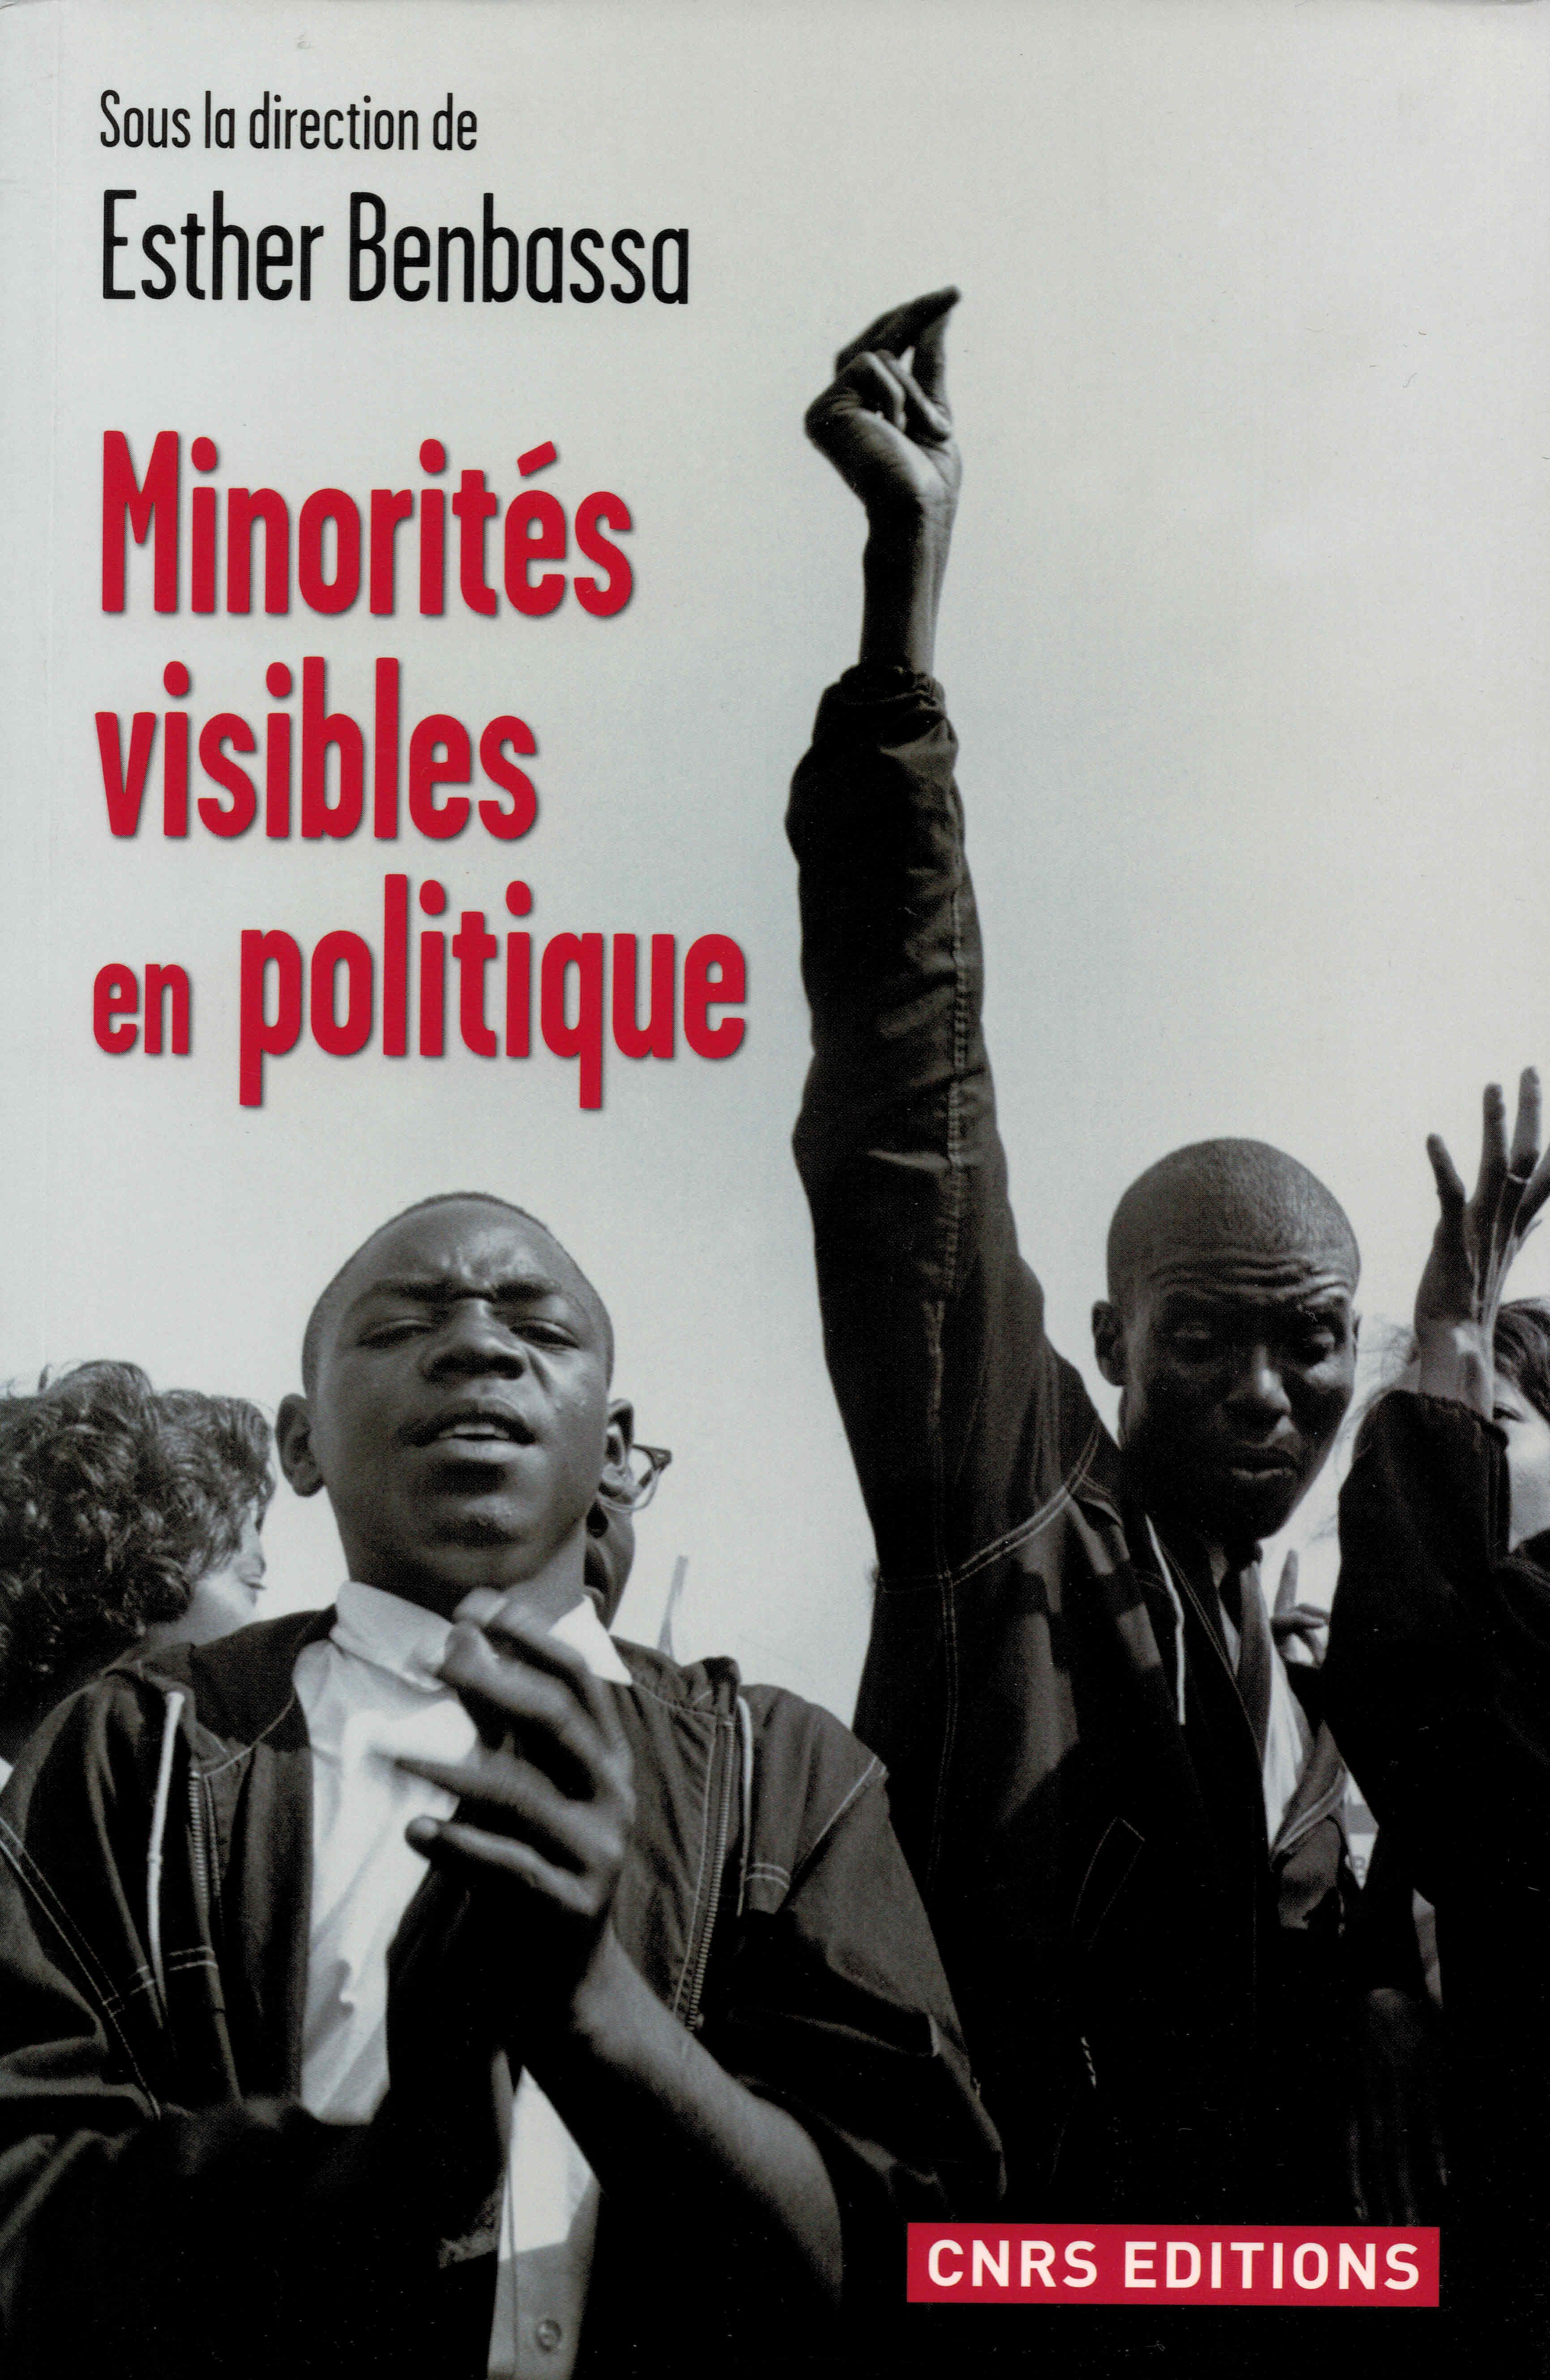 https://www.estherbenbassa.net/wp-content/uploads/2009/09/Minorit%C3%A9sCouv1.jpg